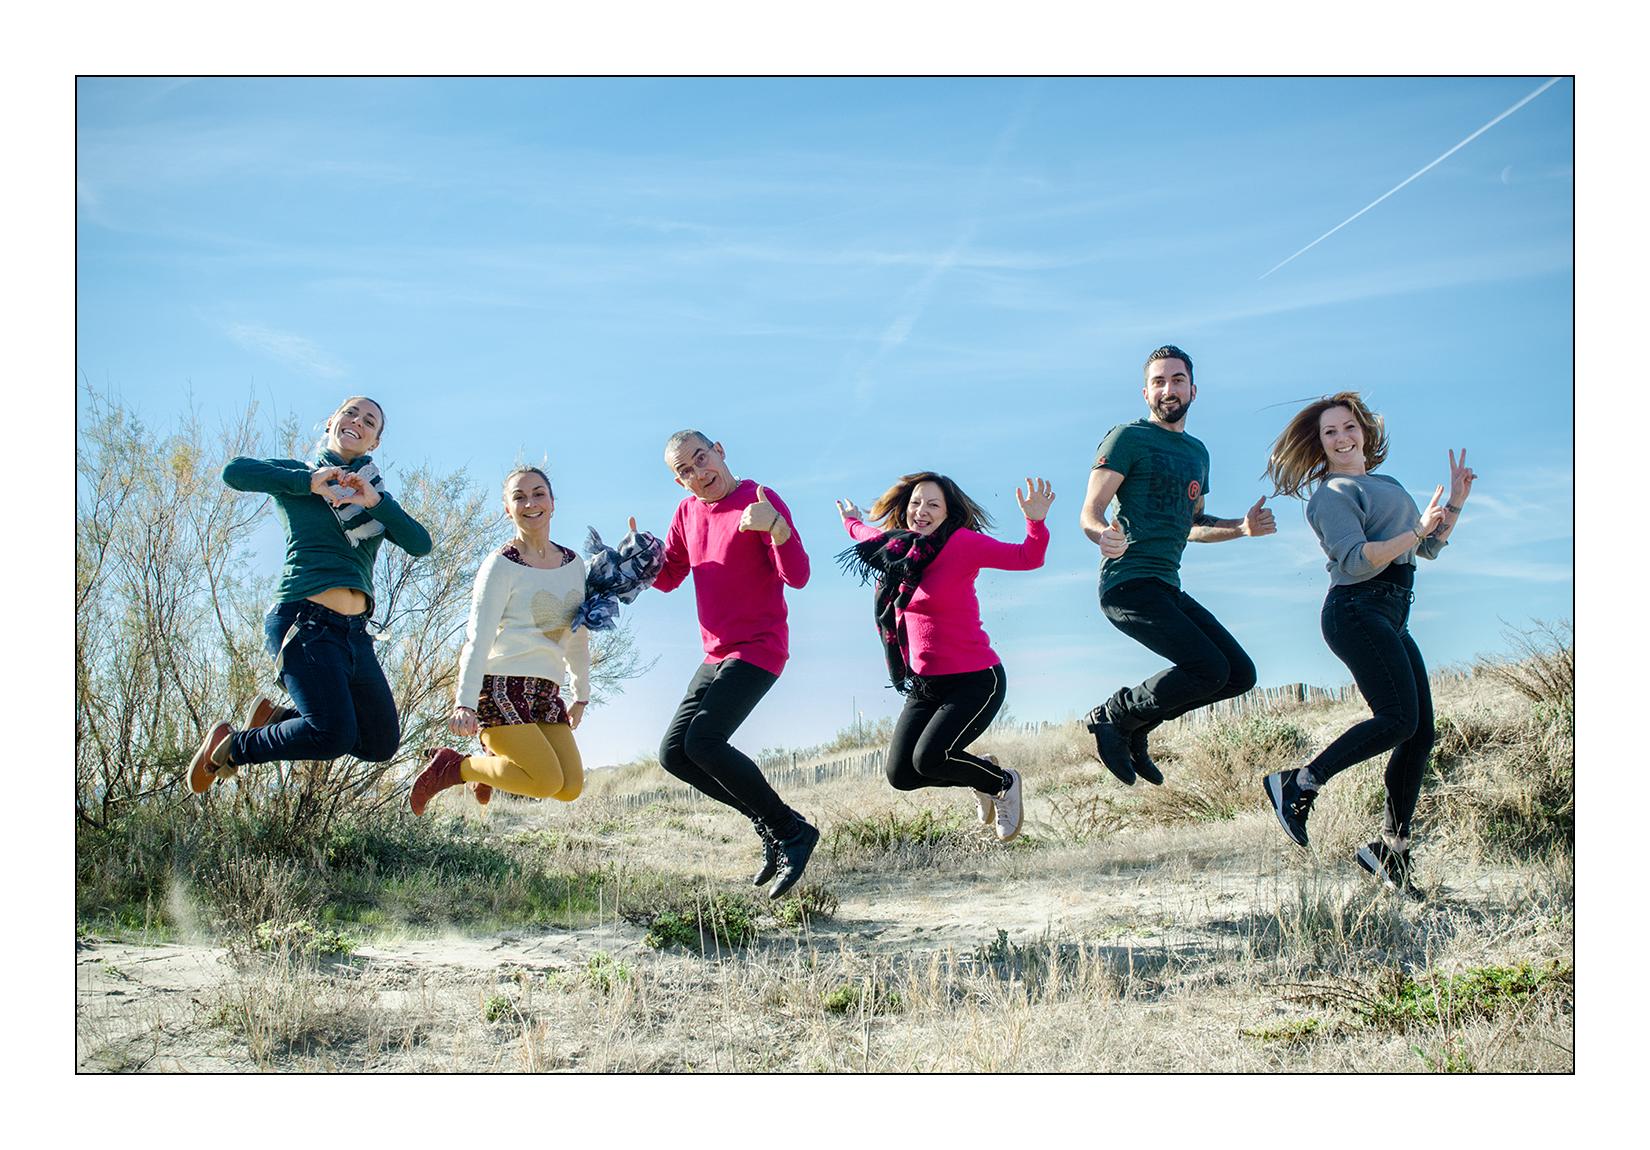 Seance photo-jump sur la plage des Aresuqiers avec une grande famille